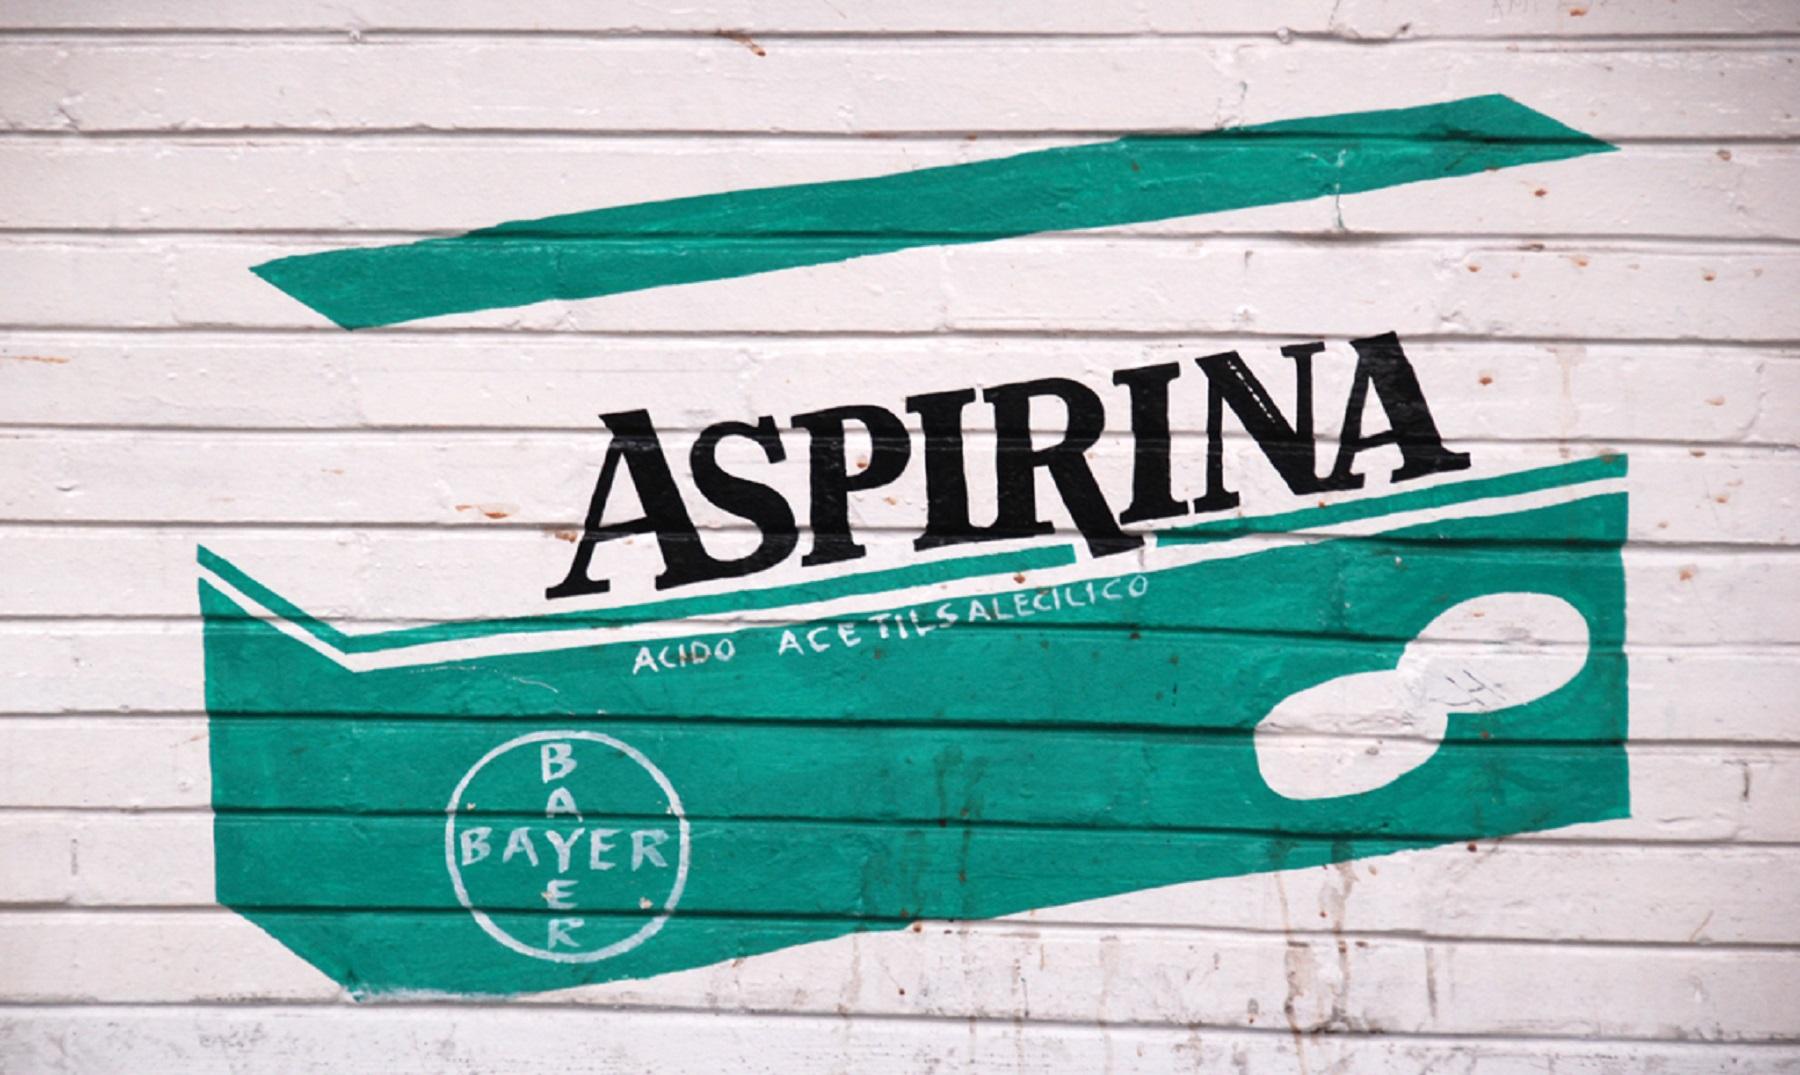 ¿Cuándo se inventó la aspirina?